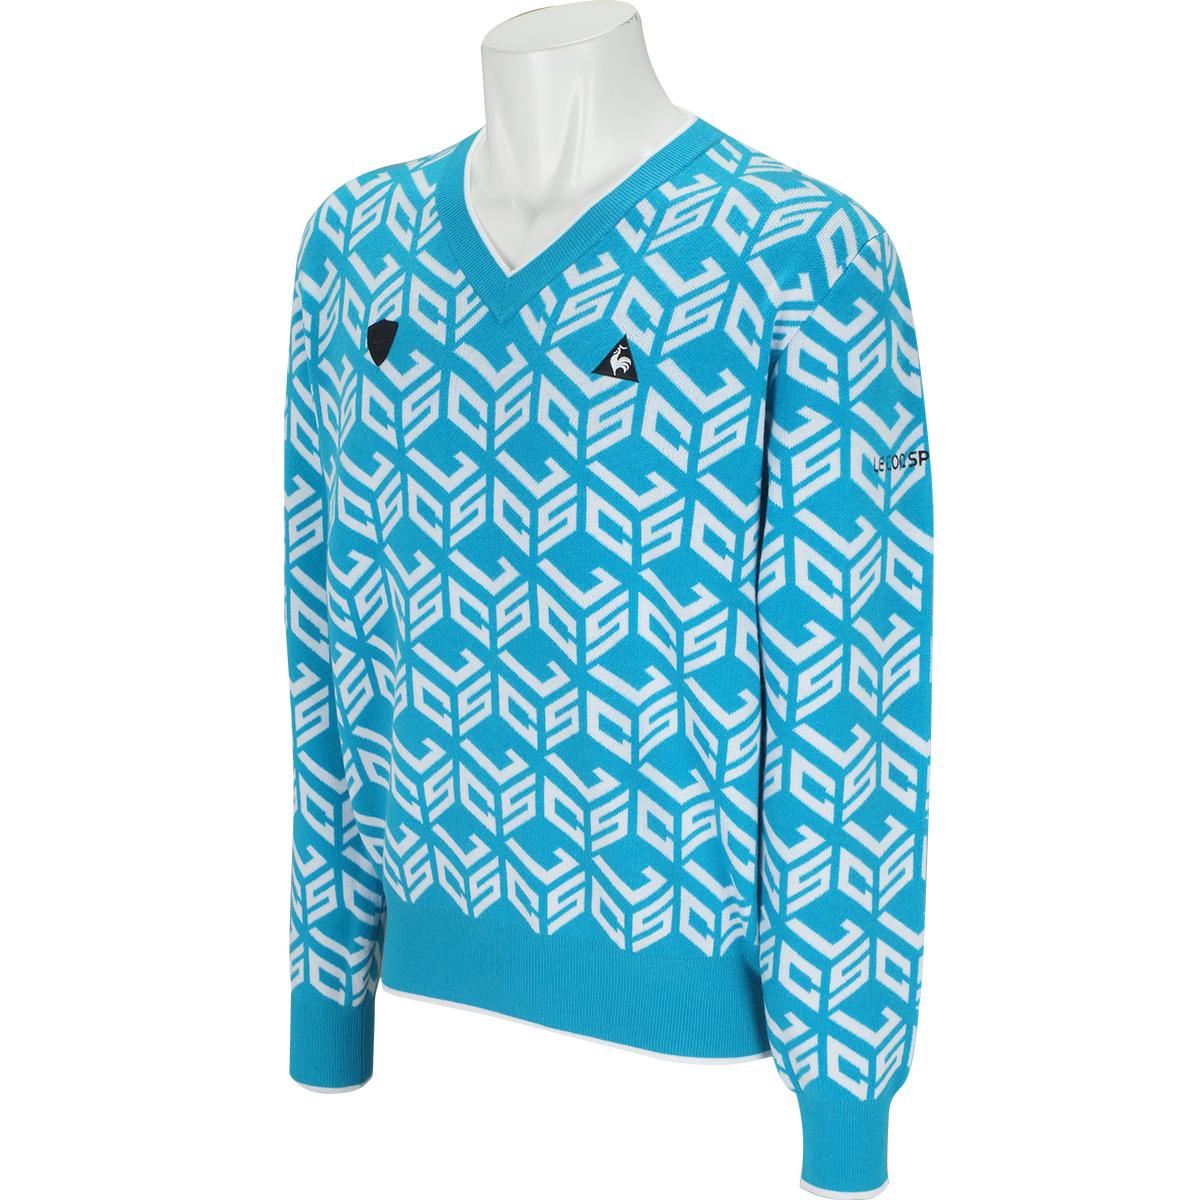 キューブロゴ ジャガードVネックセーター